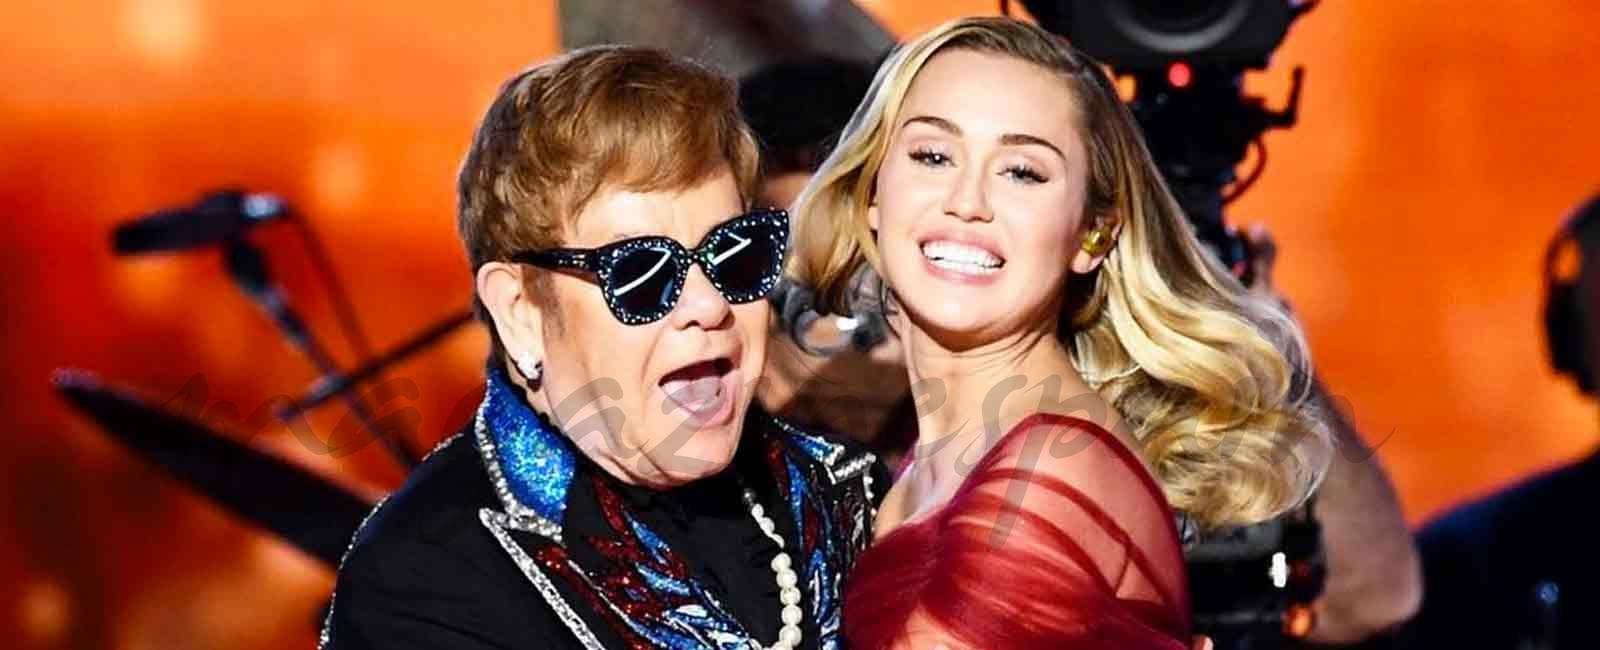 La increíble actuación de Miley Cyrus junto a Elton John en los Grammy 2018